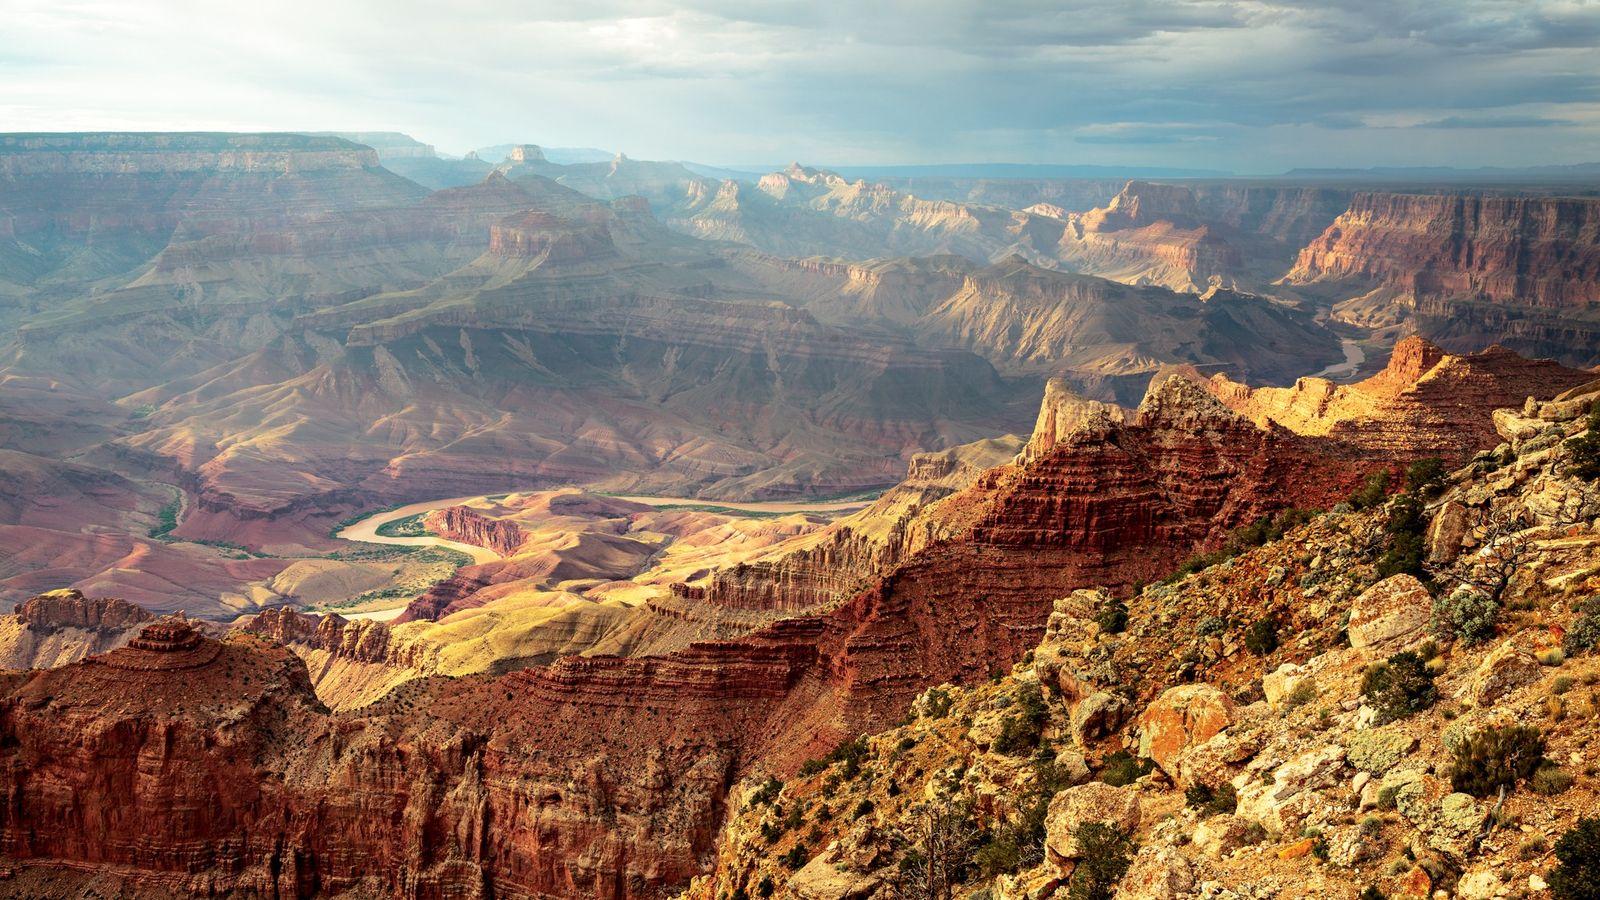 El río Colorado serpentea a través del Parque Nacional del Gran Cañón, en Arizona.